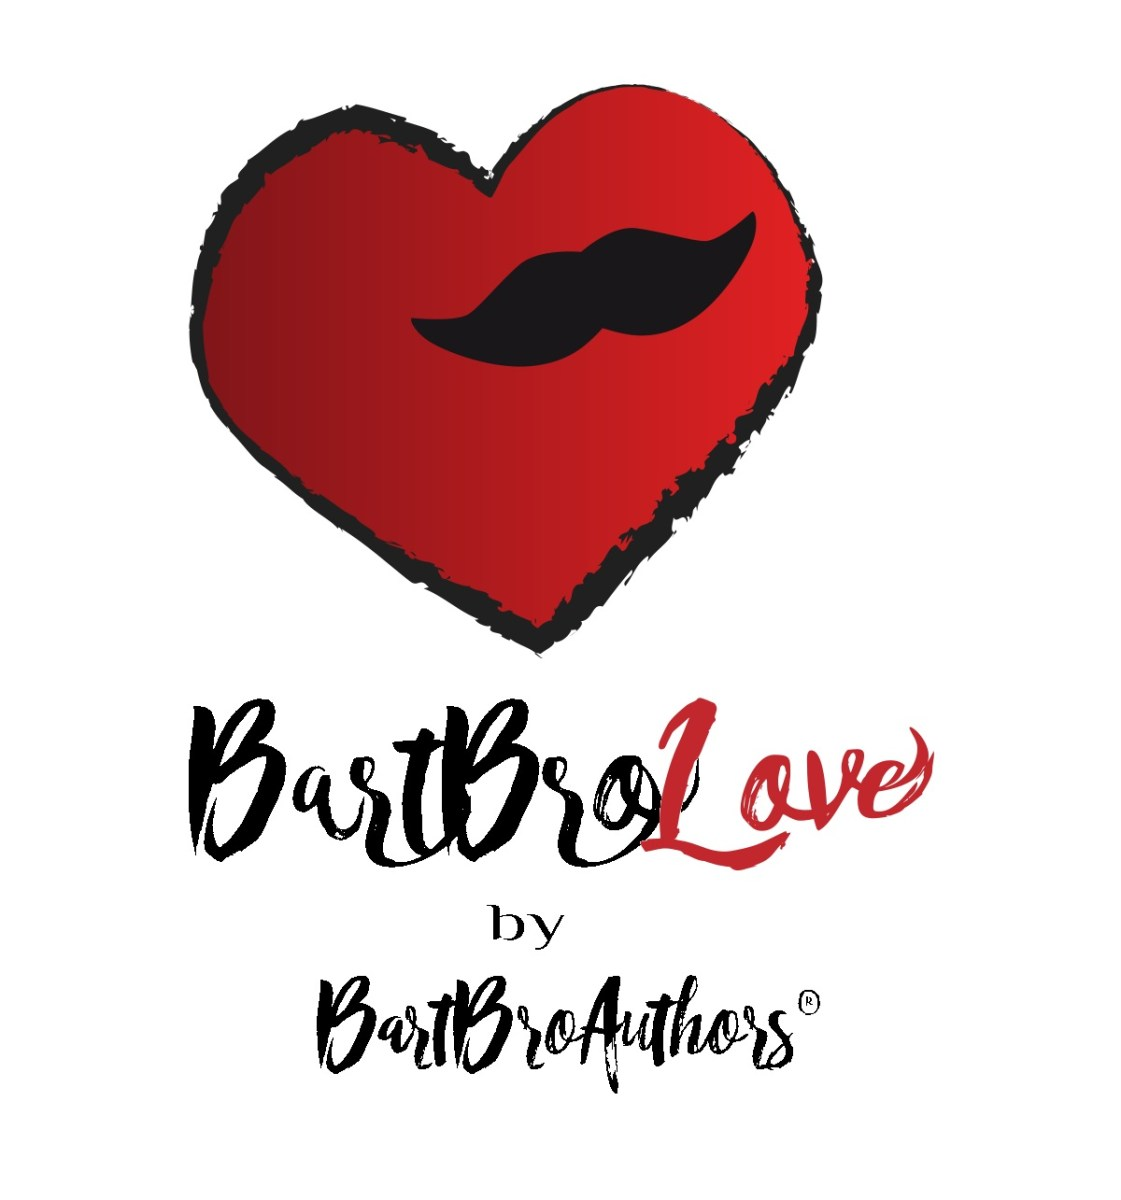 Treffpunkt - Ein Gedicht zum Valentinstag #BartBroLove